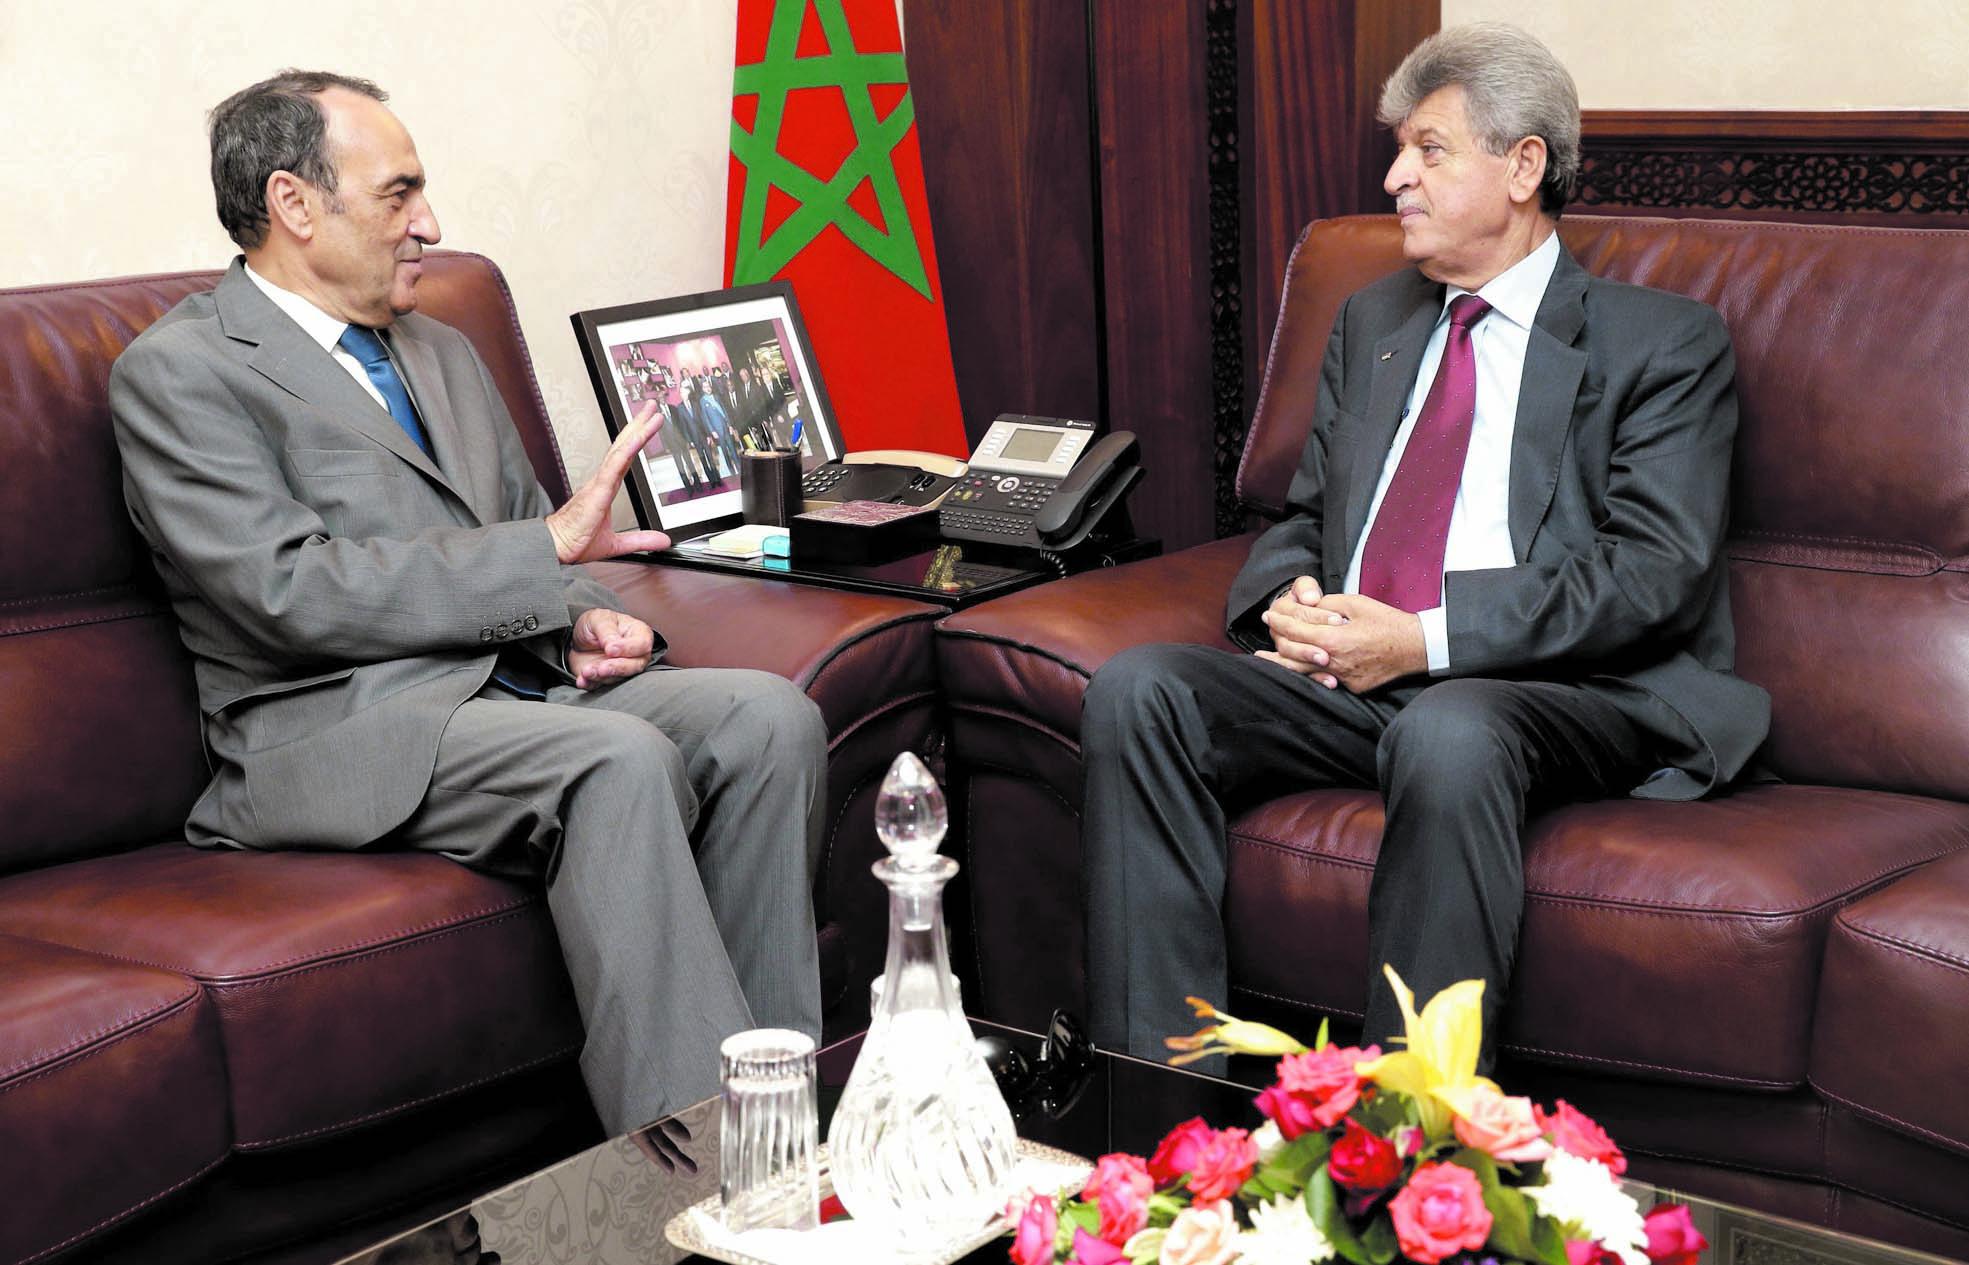 Recevant l'ambassadeur de la Palestine à Rabat Habib El Malki: La question palestinienne est une cause centrale pour toutes les composantes du peuple marocain